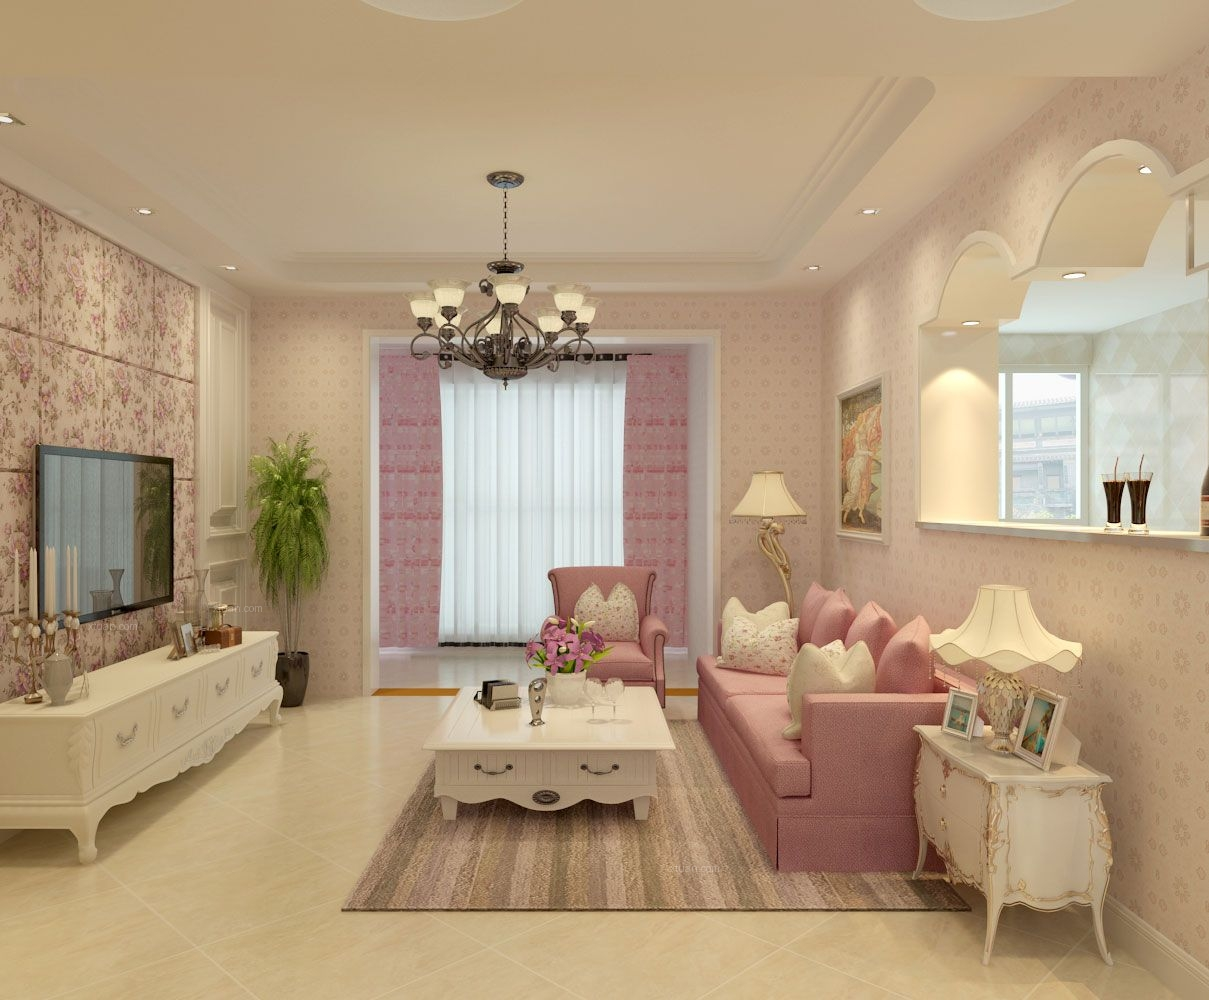 三室一厅韩式风格客厅_五彩城9-2-1001 韩式风格装修图片